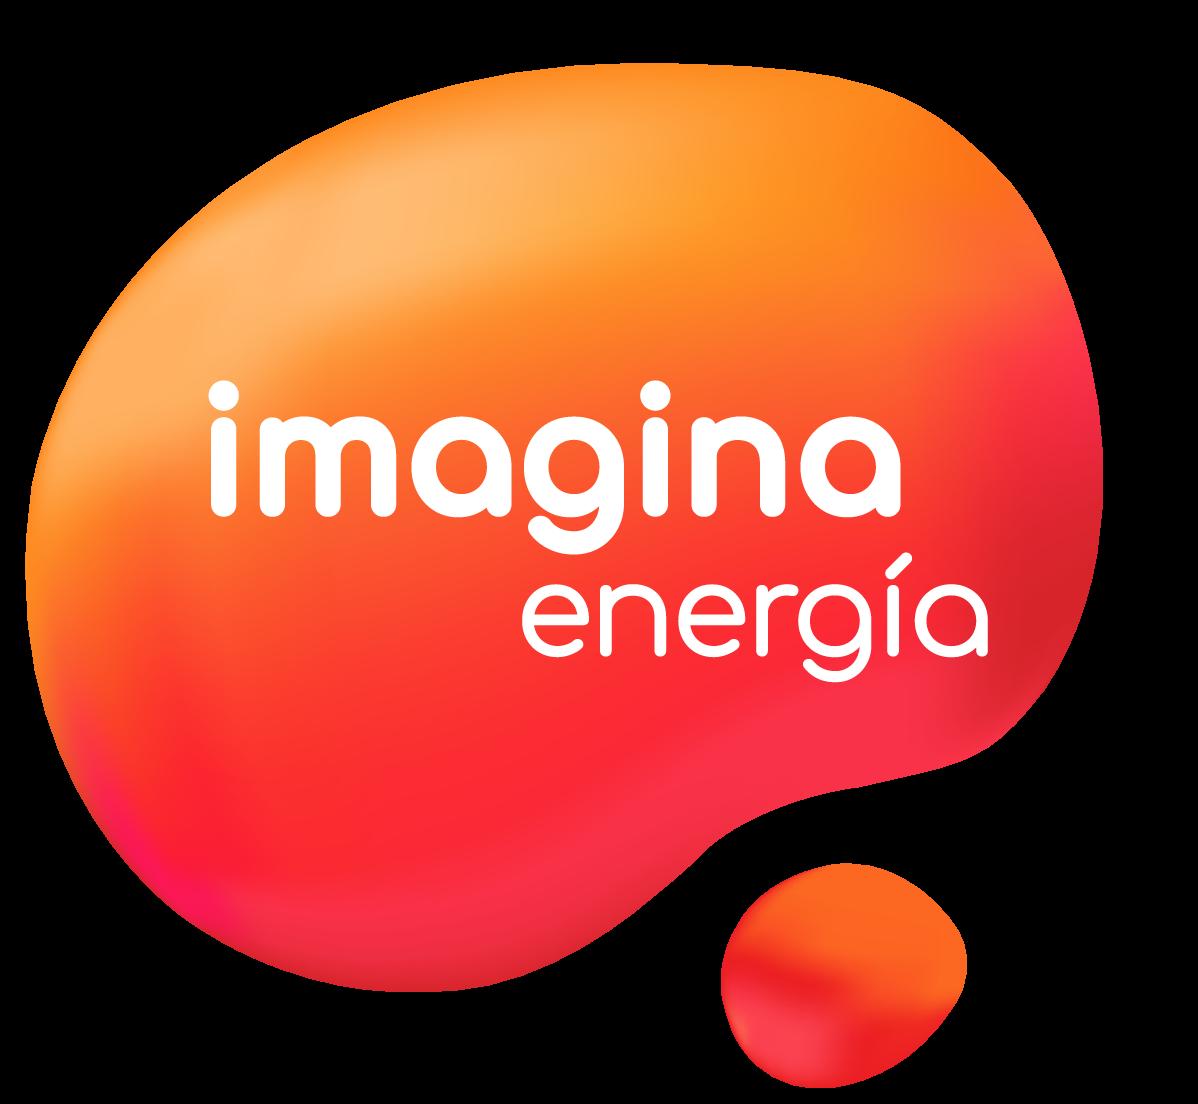 IMAGINA ENERGIA